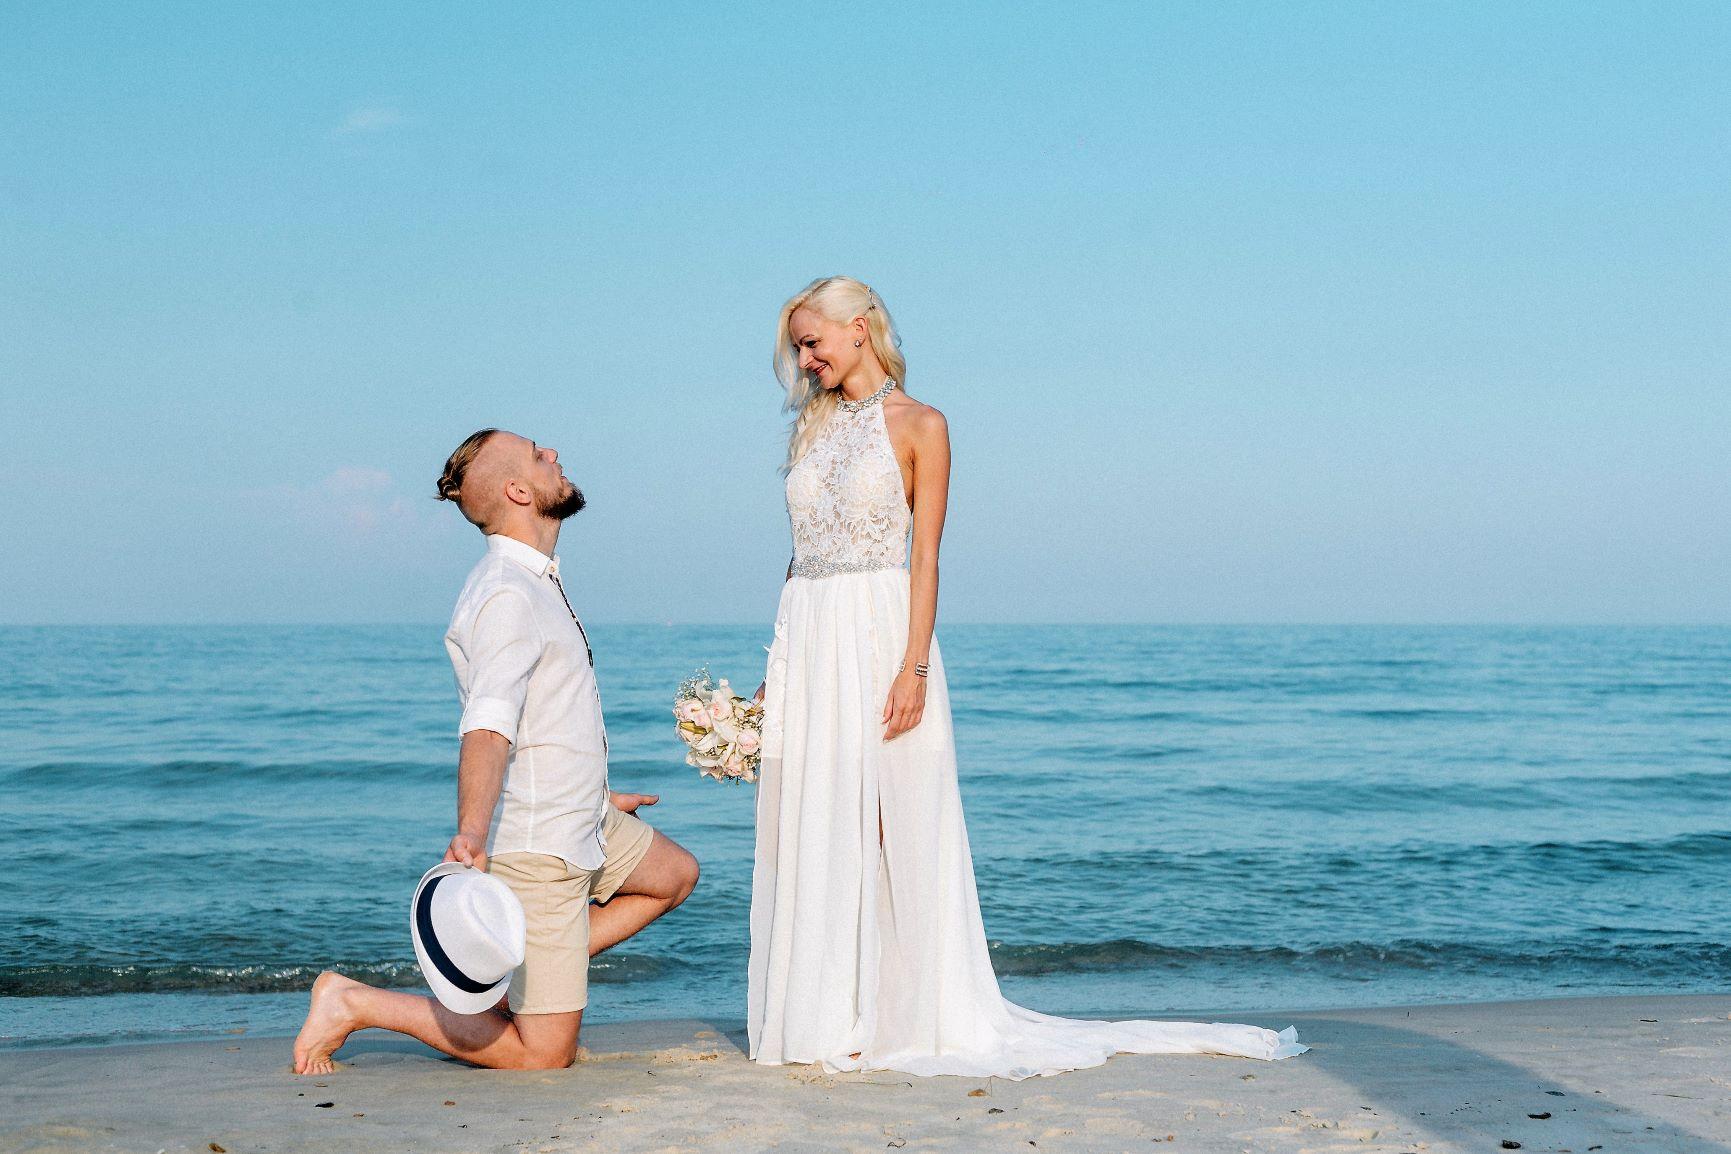 8e87dc0dbf Az általatok kiválasztott Nagy nap csak a tiétek, azon a napon más esküvőt  nem rendezünk! Lehet romantikus csak Ti ketten vagy családotokkal, ...